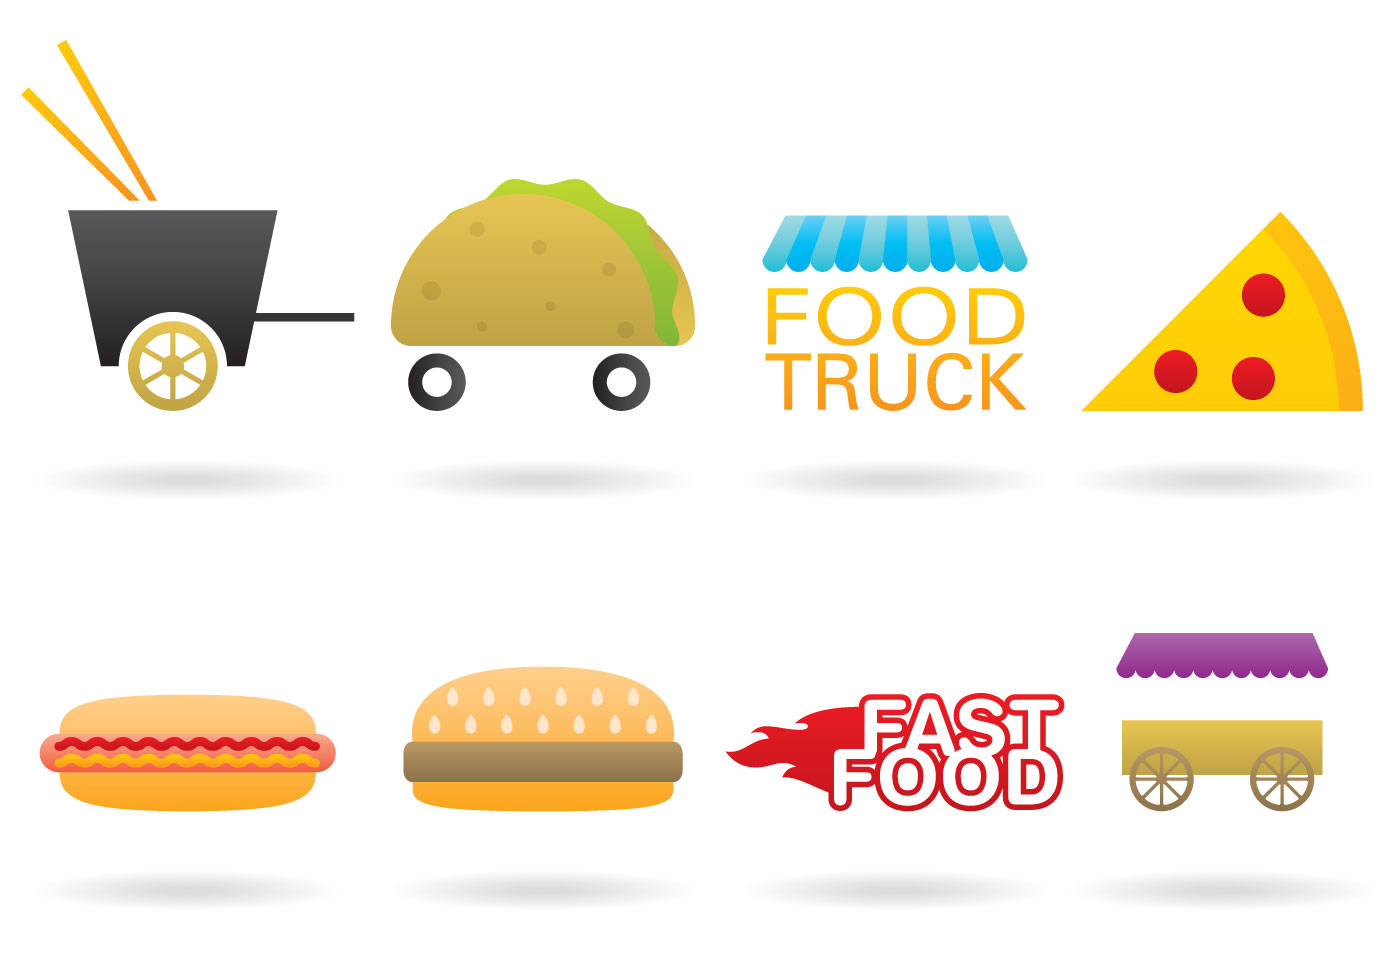 Food truck logo vectors download free vector art stock for Food truck design app